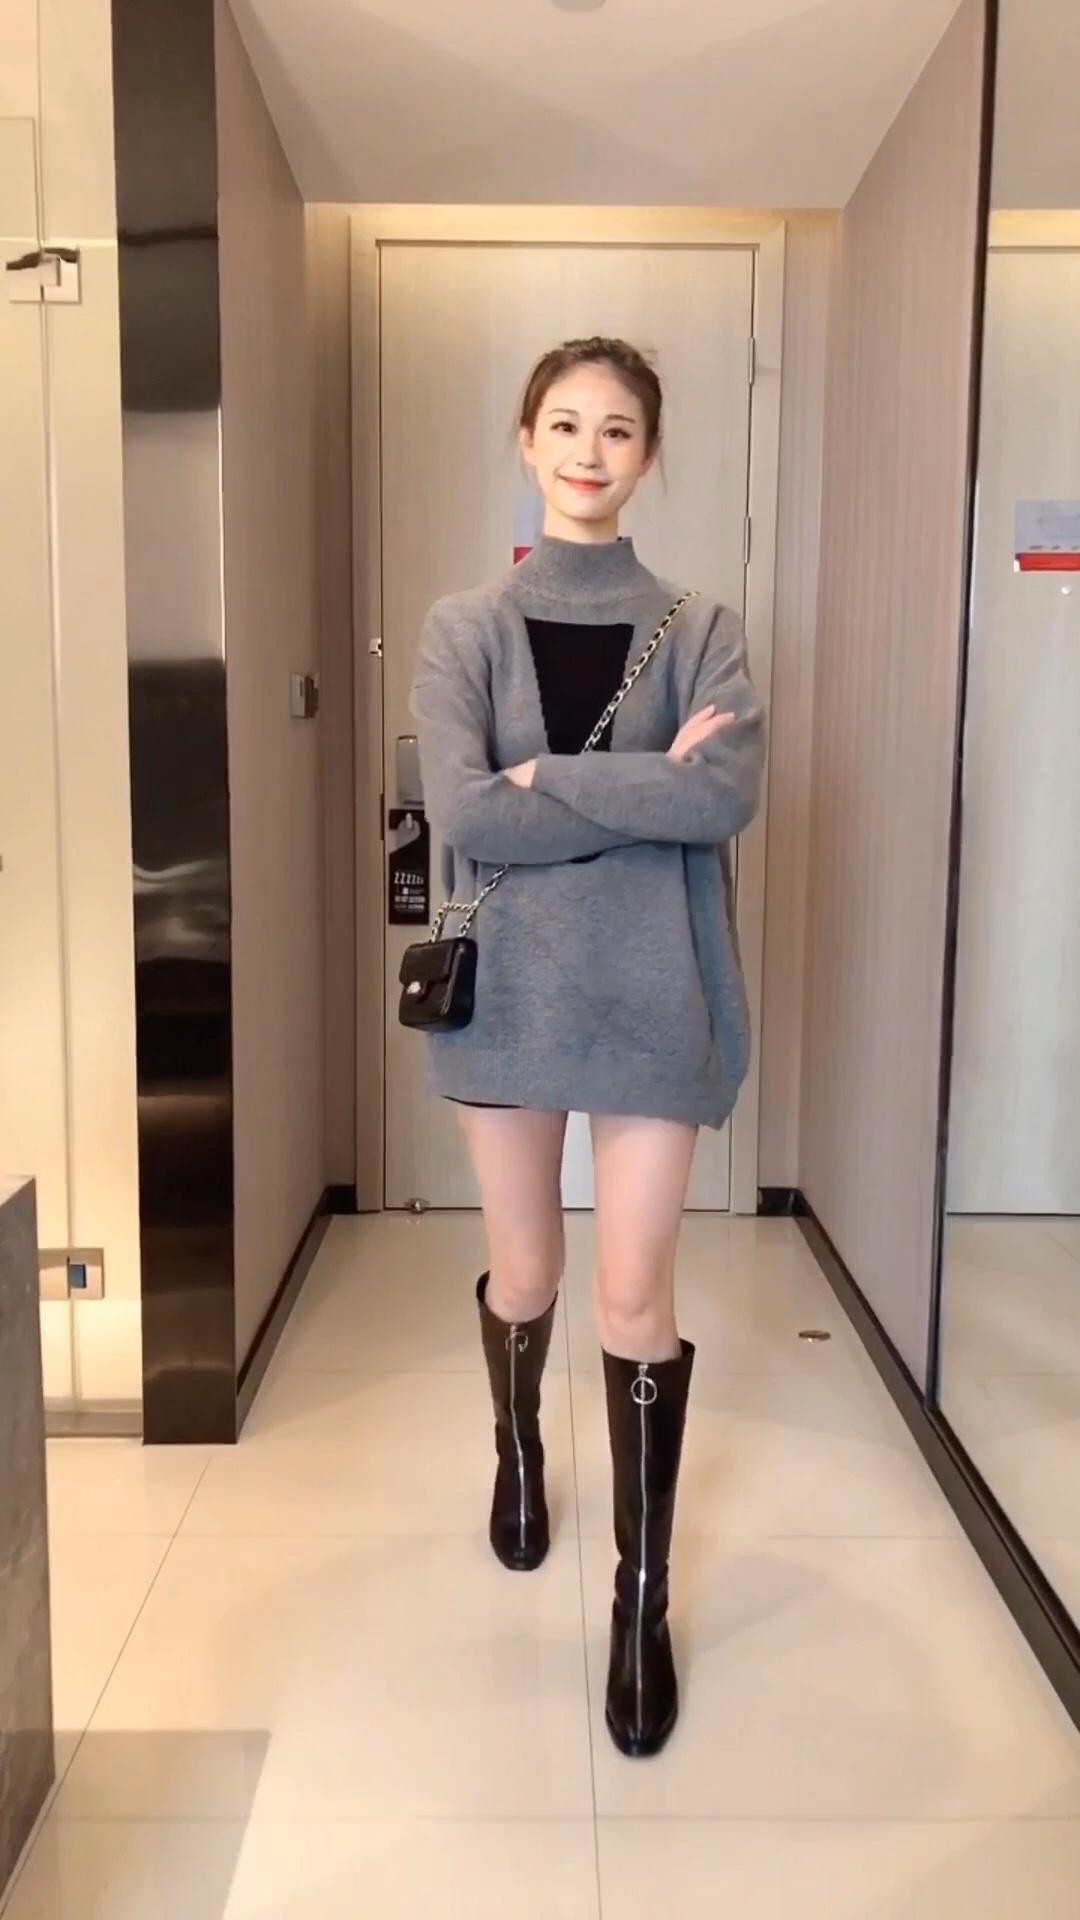 无论高矮胖瘦的女生,谁穿谁好看#我最成功的11.11战利品#